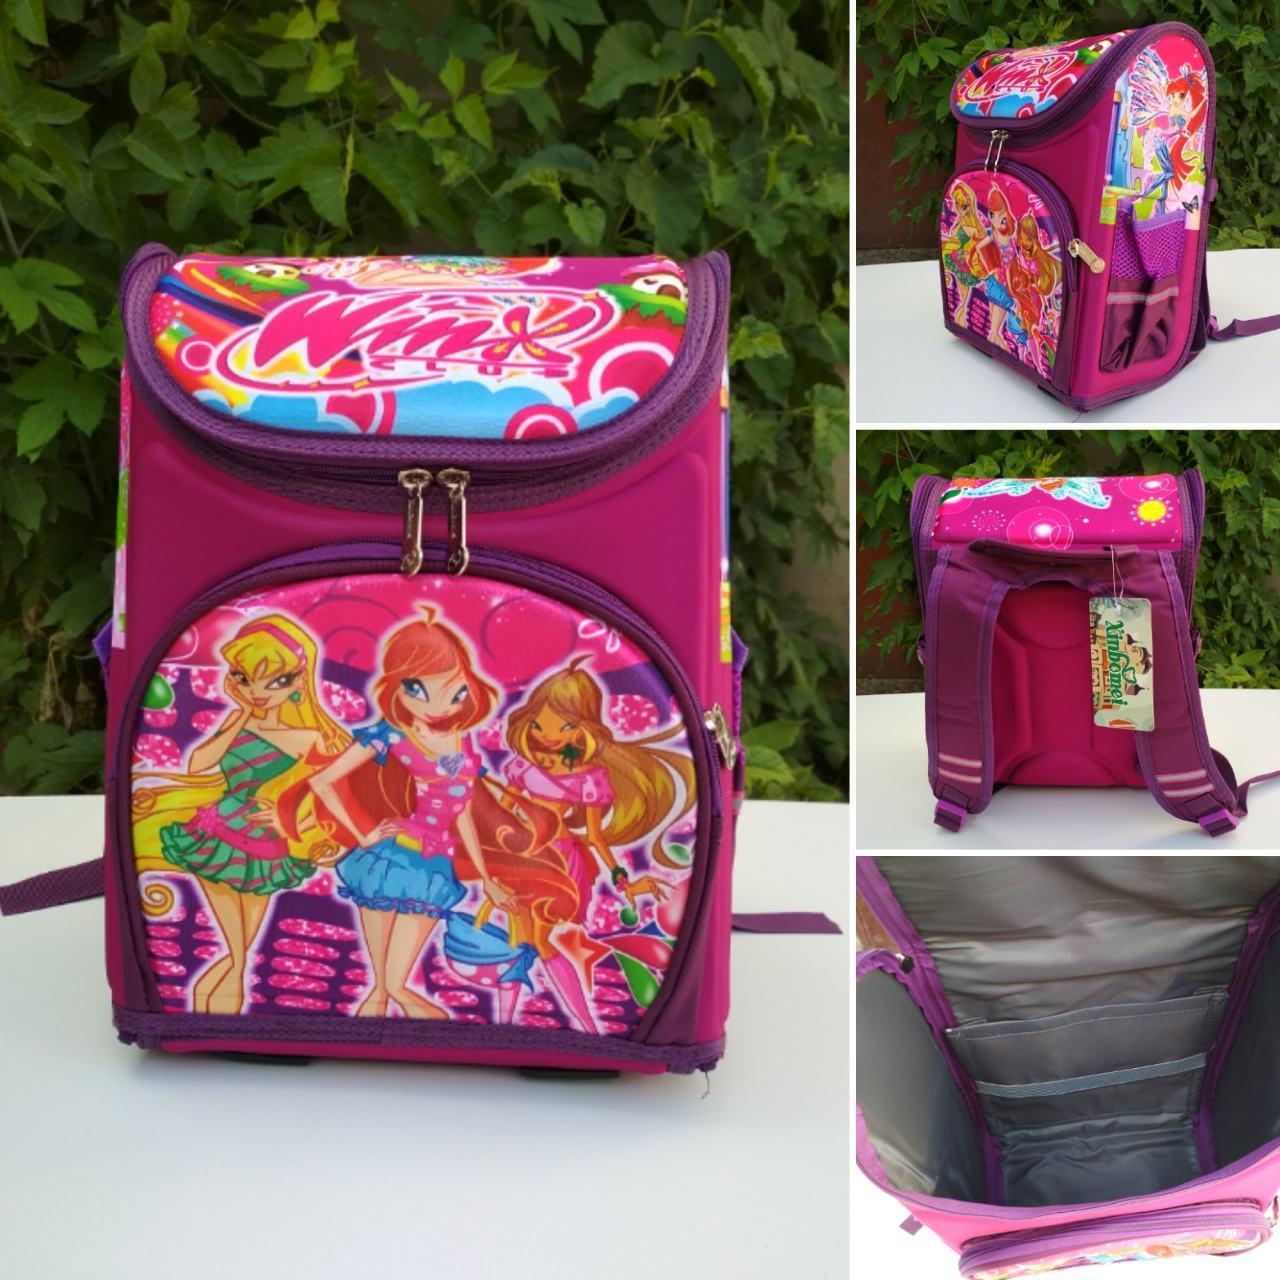 Ортопедический школьный рюкзак Winx для девочки 30*26*12 см, фото 1